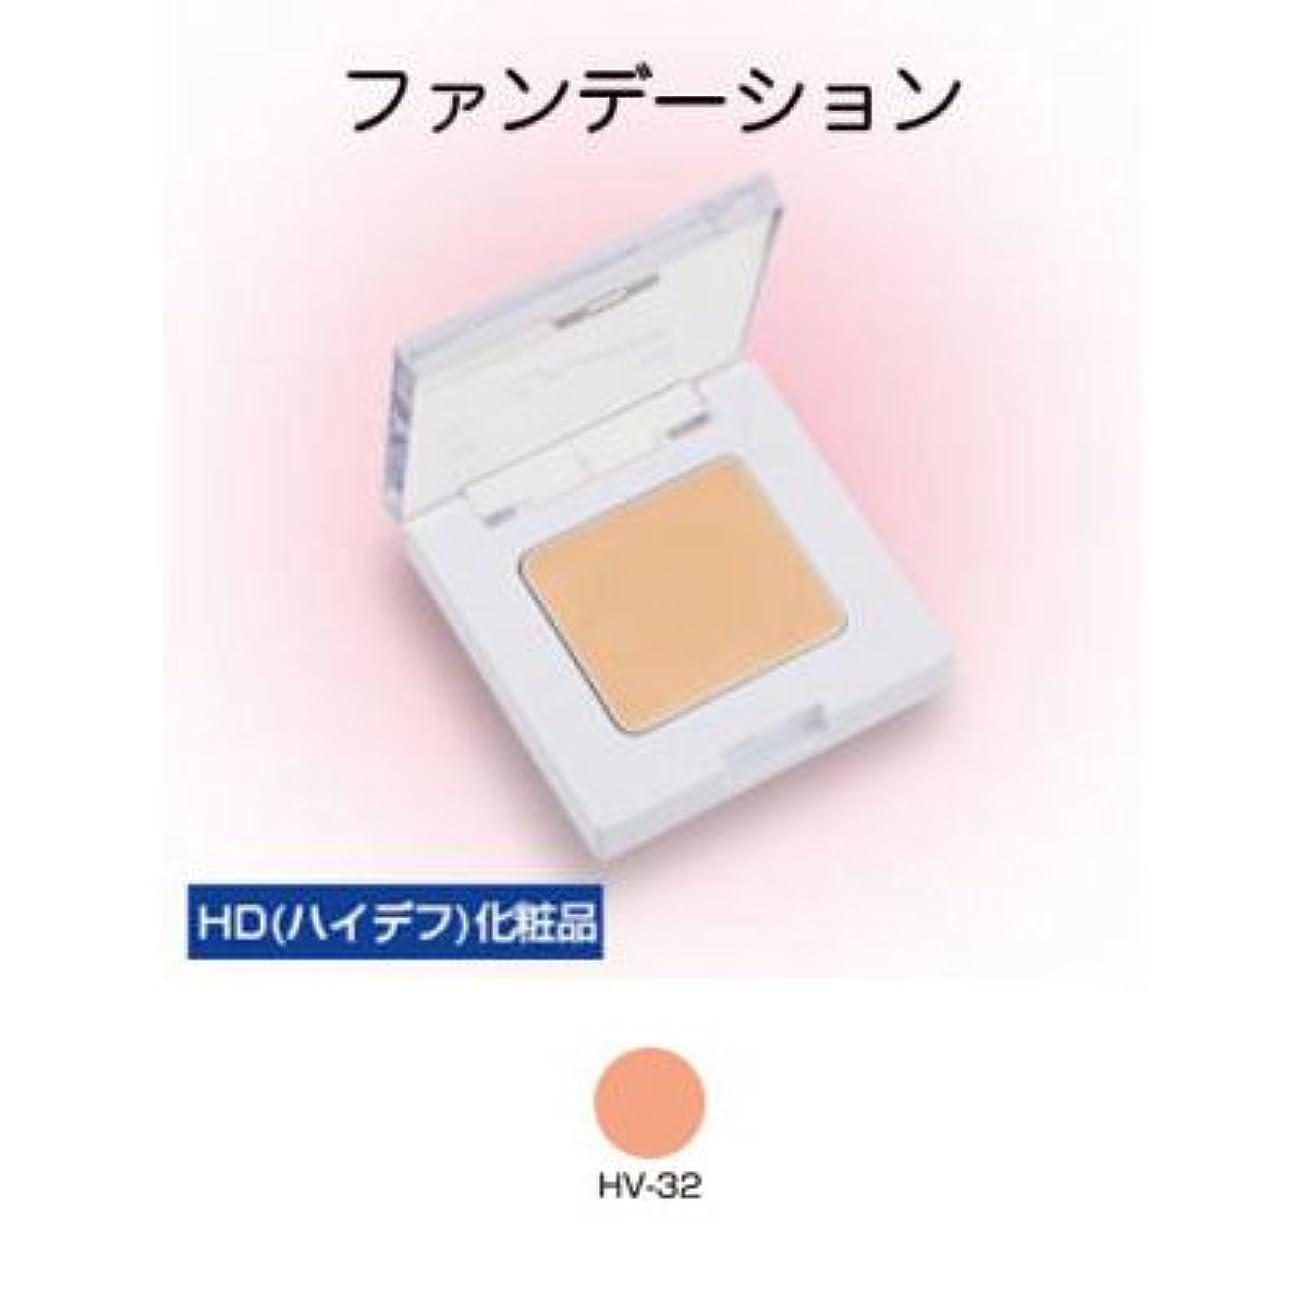 狂乱薬を飲む鼻シャレナ カバーファンデーション ミニ HV-32 【三善】